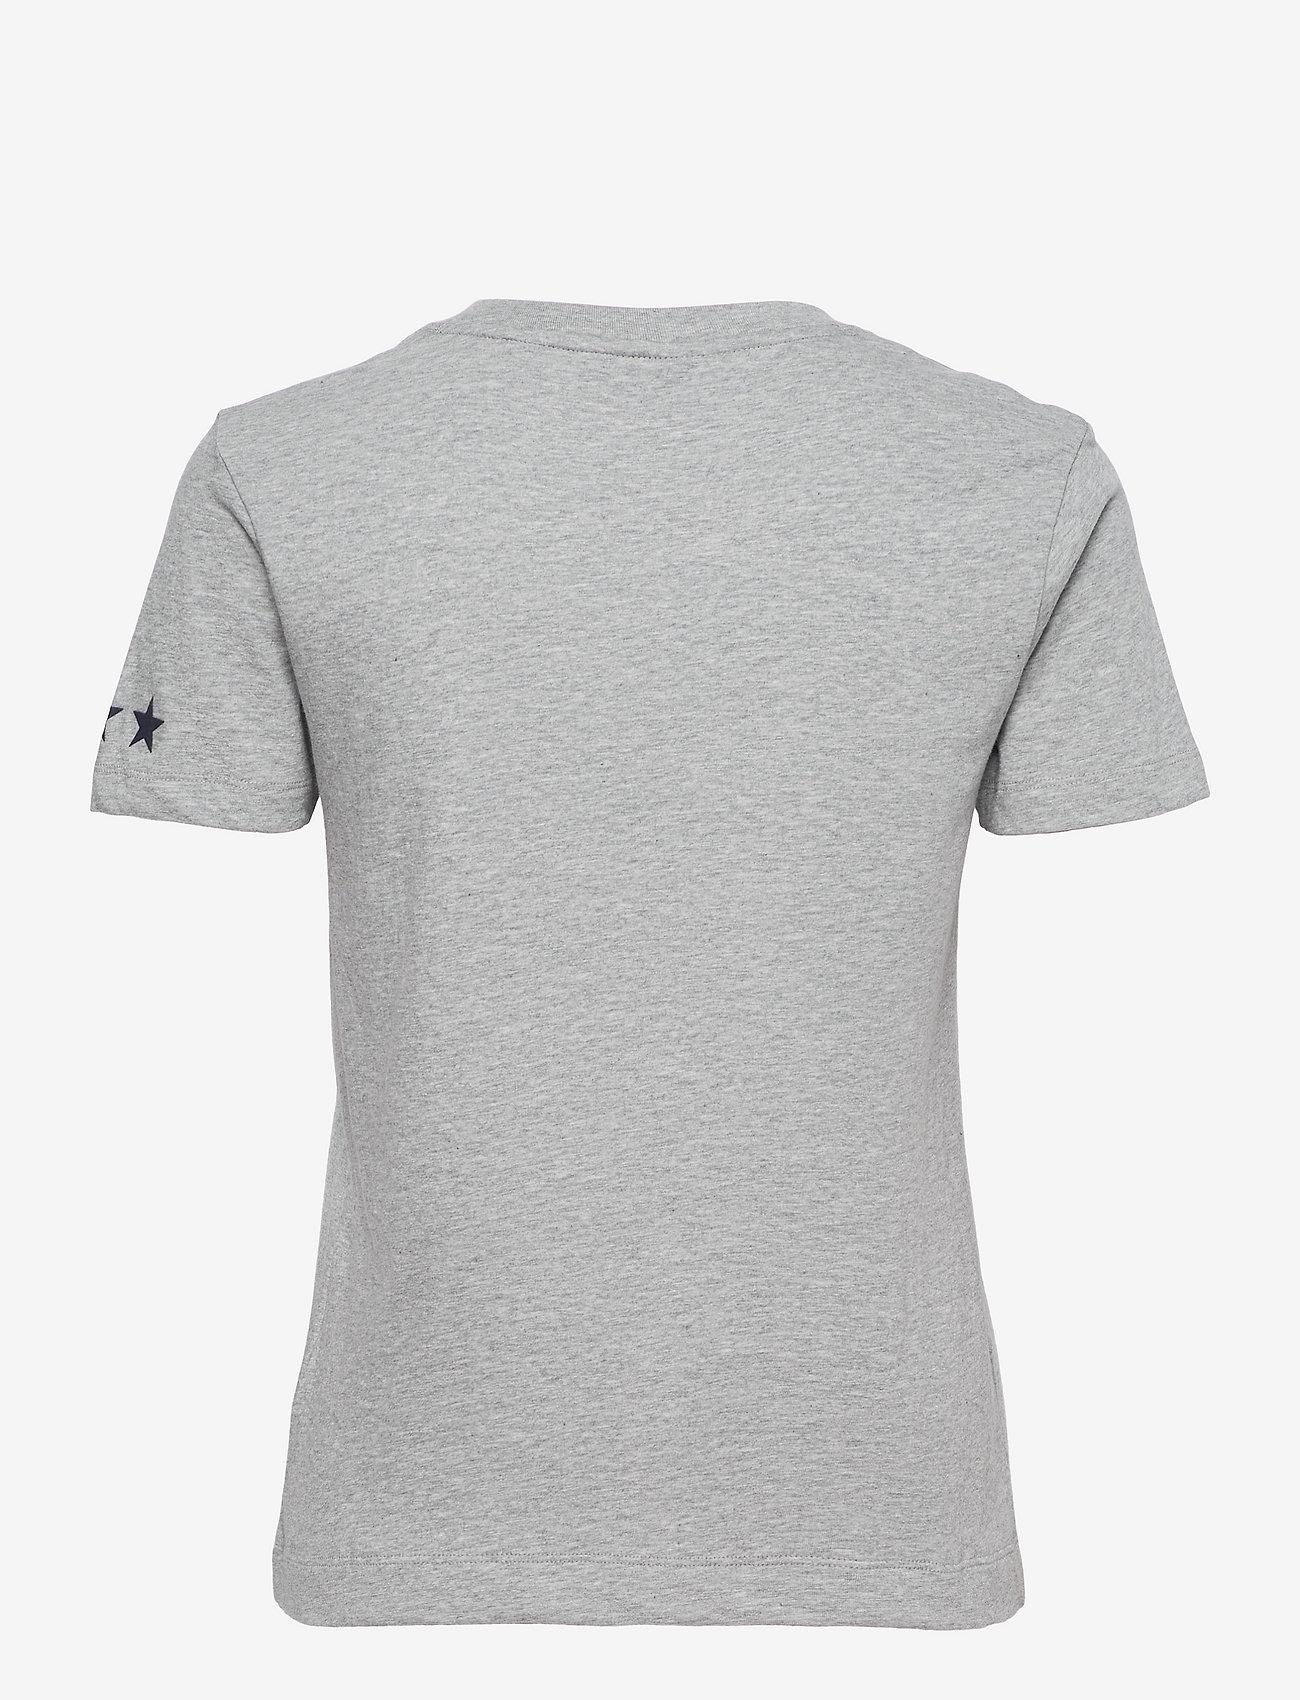 GANT - D2.GANT RETRO SHIELD SS T-SHIRT - t-shirts - grey melange - 1